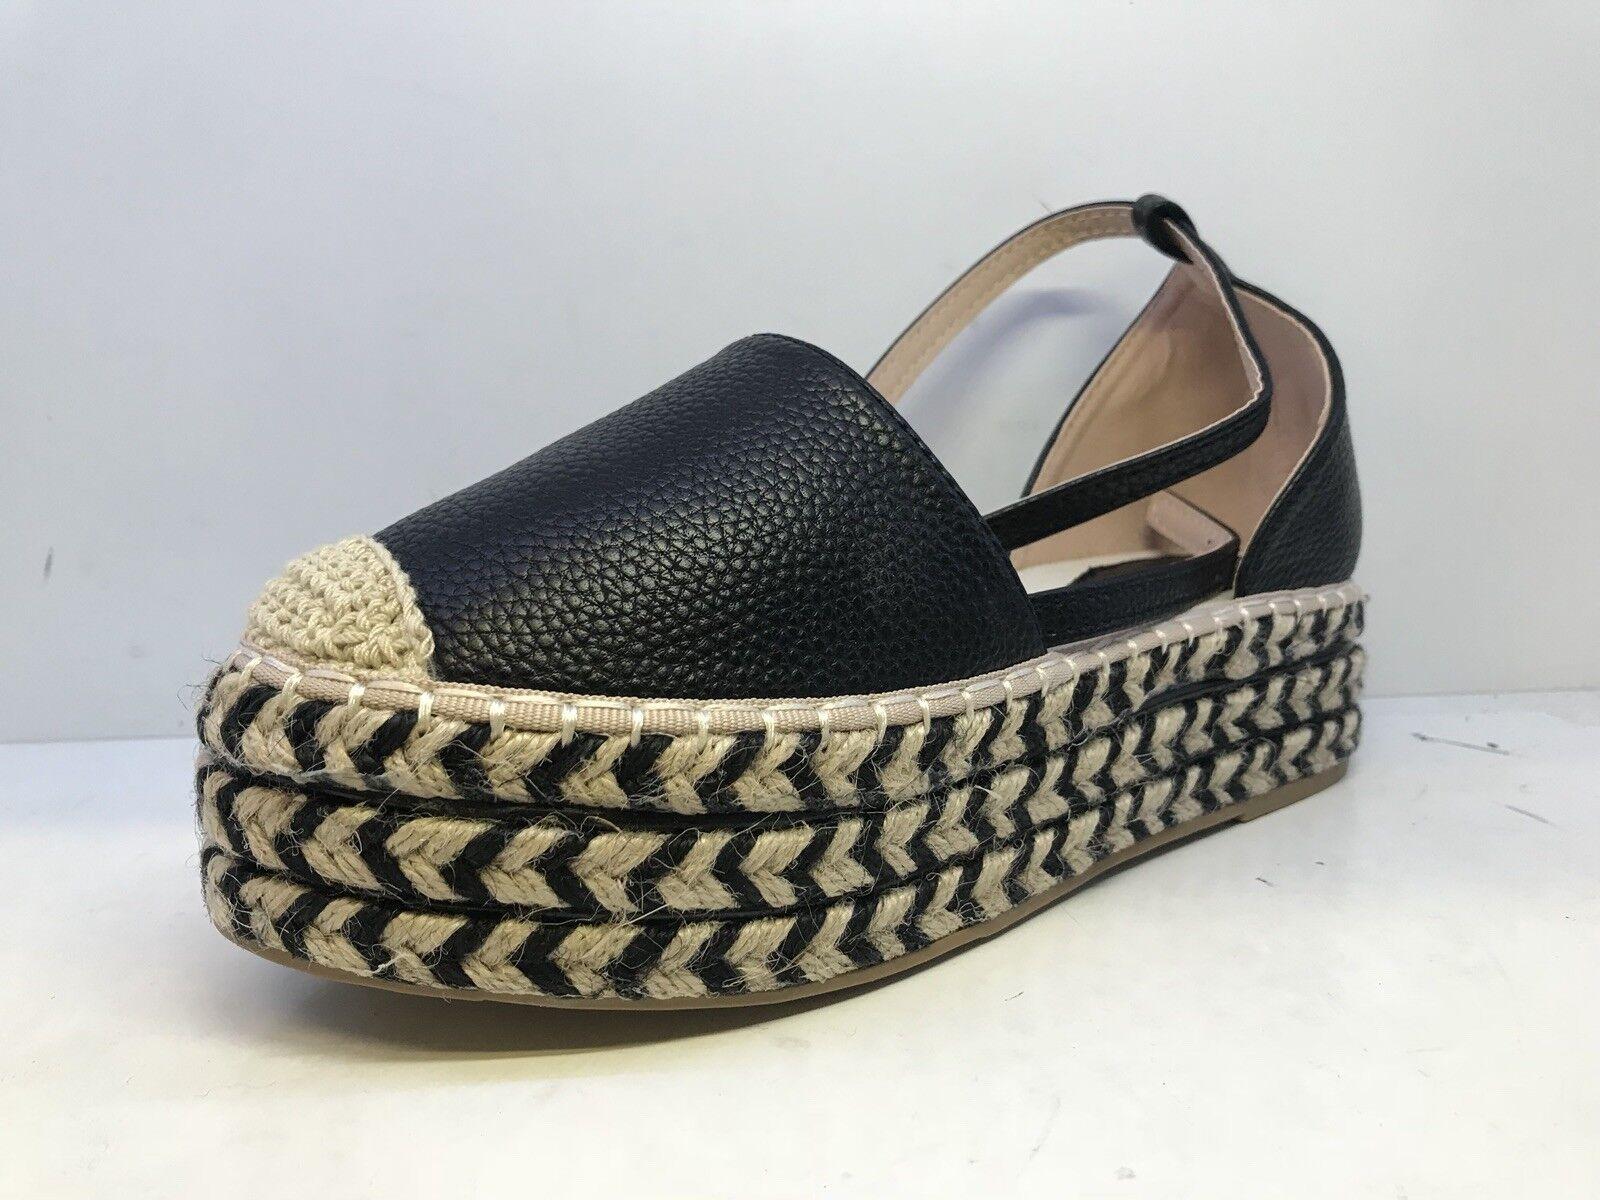 Style Women Ankle Tie Espadrille Platform shoes Black Grain Uk Size 5 (EU 38)